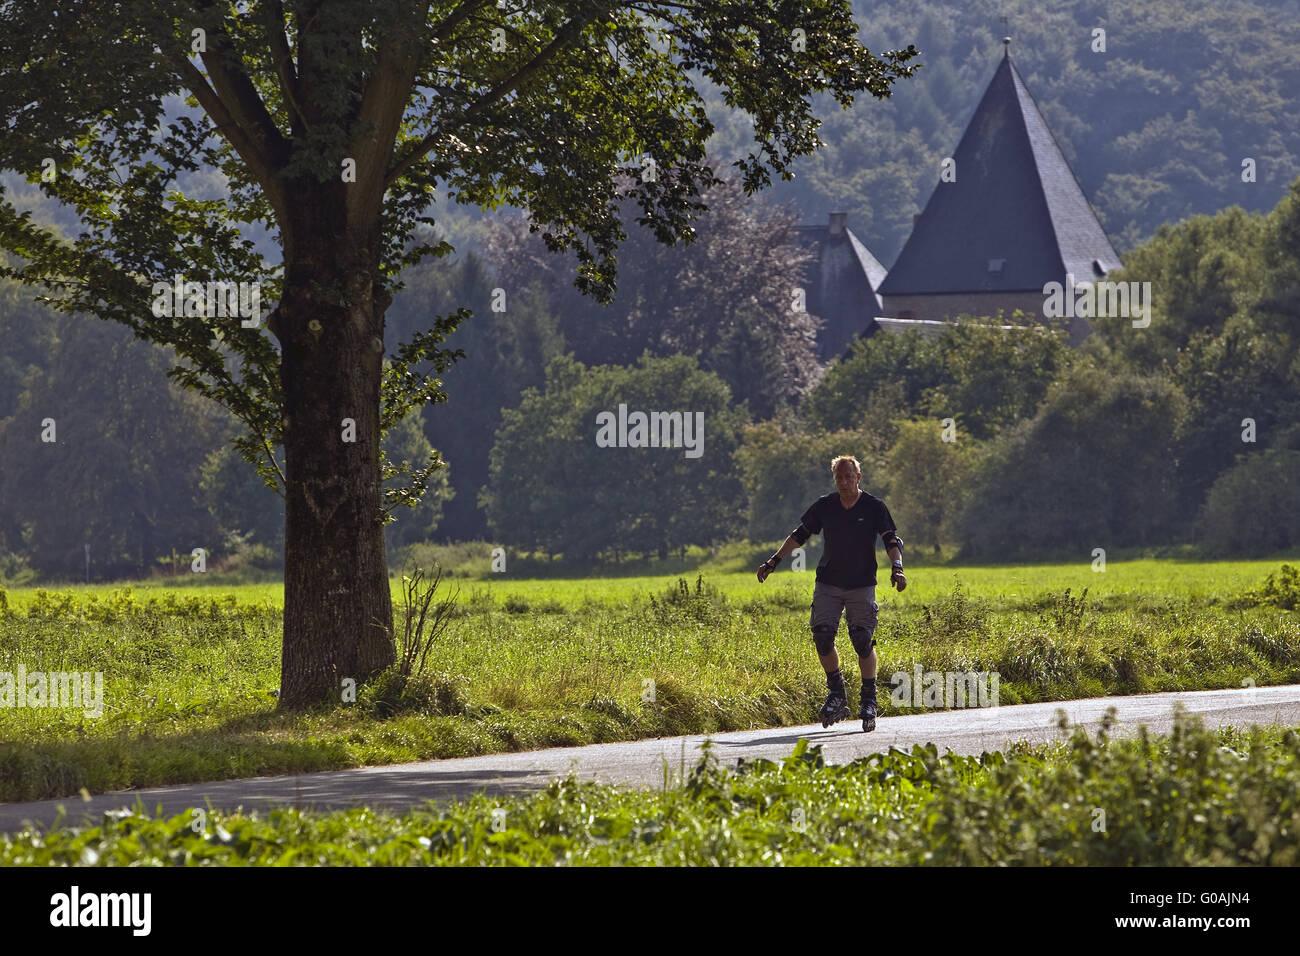 Skater with castle Kemnade, Hattingen, Germany. - Stock Image